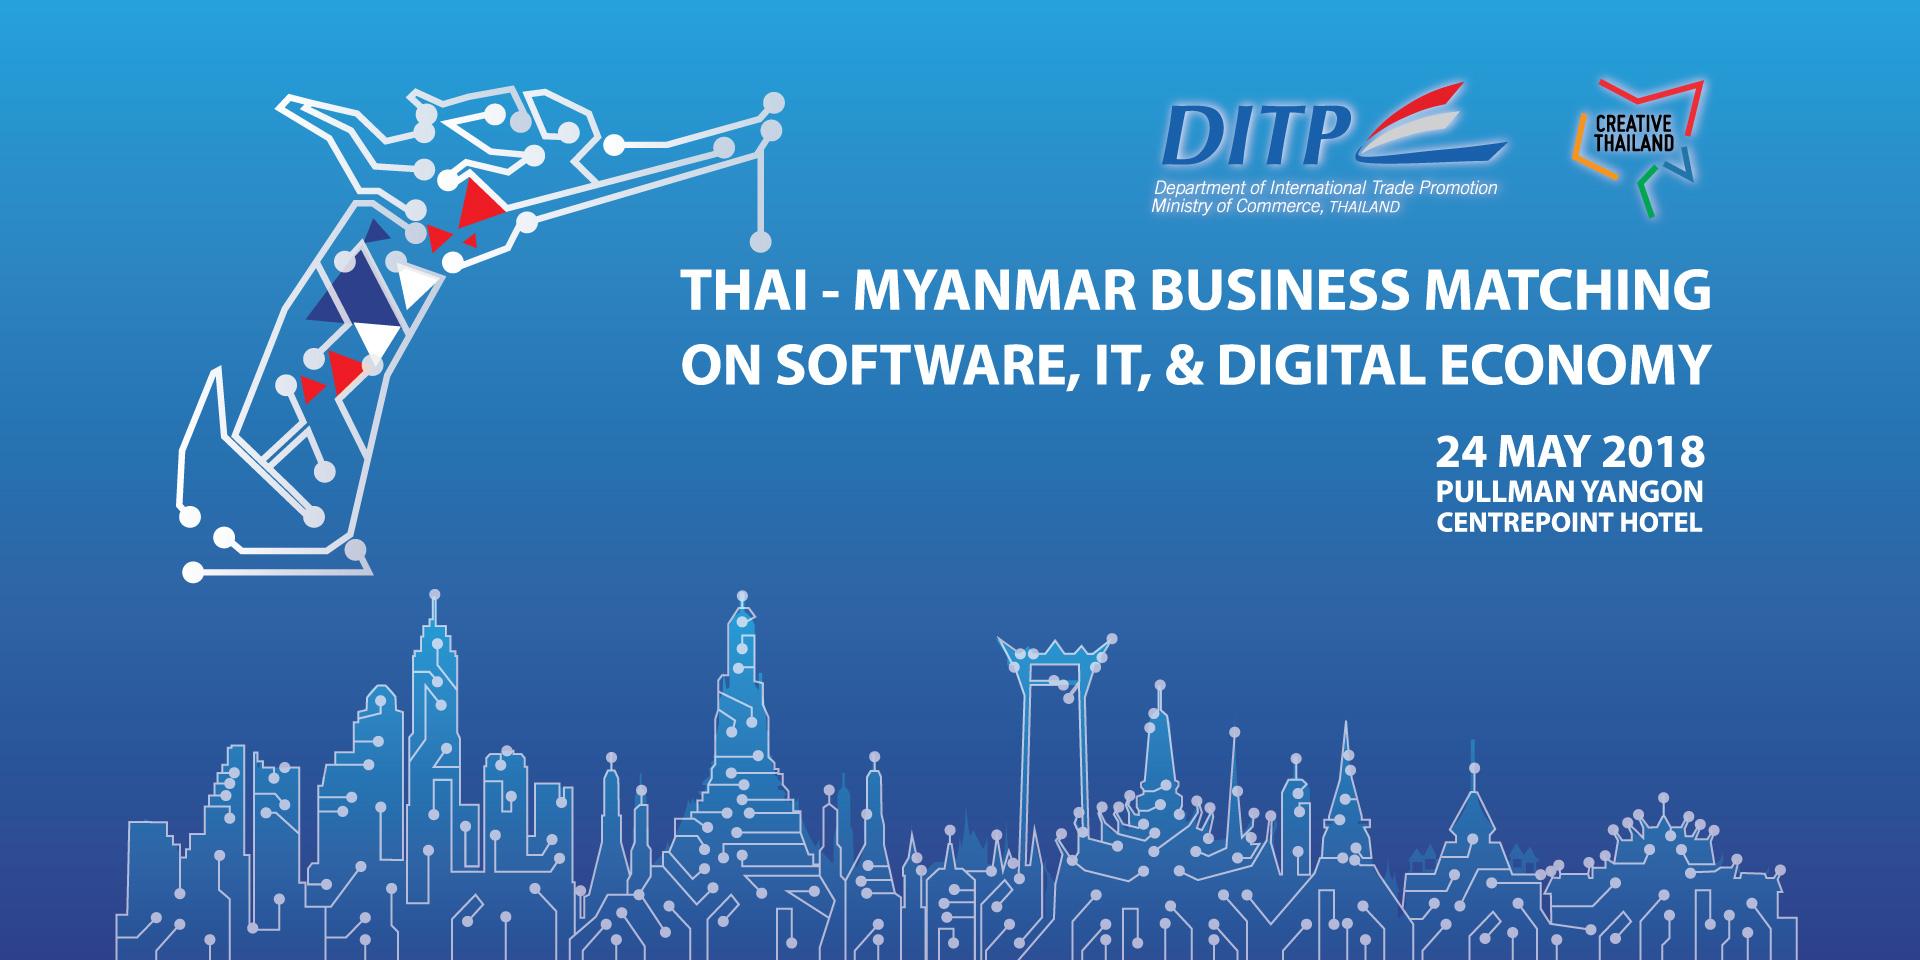 ชมย้อนหลัง Thai-Myanmar Business Matching